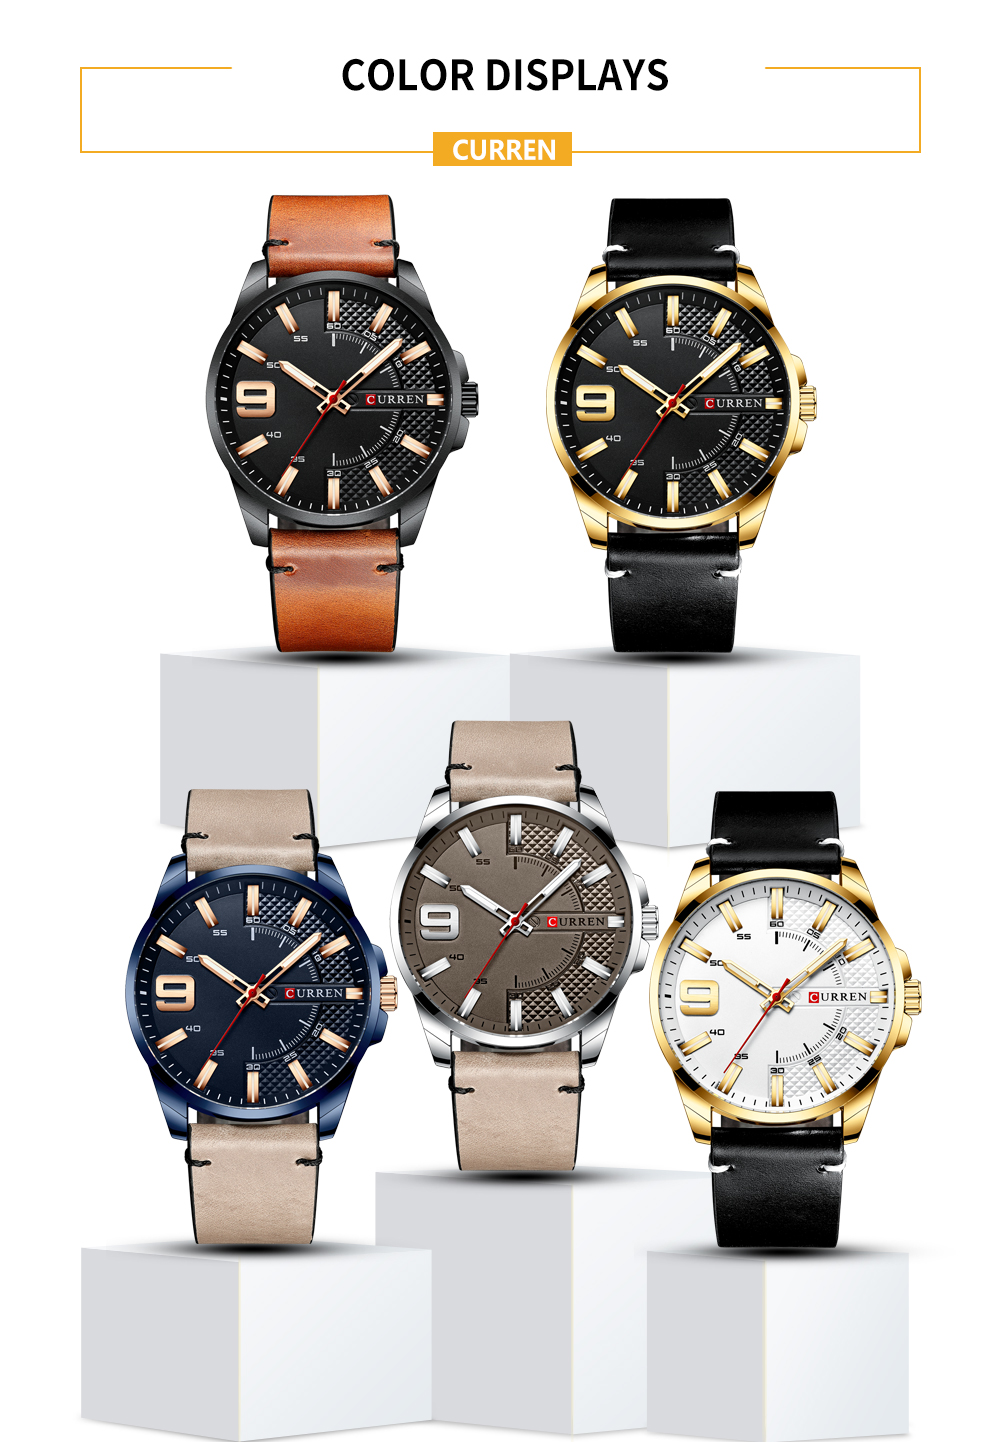 H506524d257cc40b39a2a944835109f61j Top Brand Luxury Business Watch Men CURREN Watches